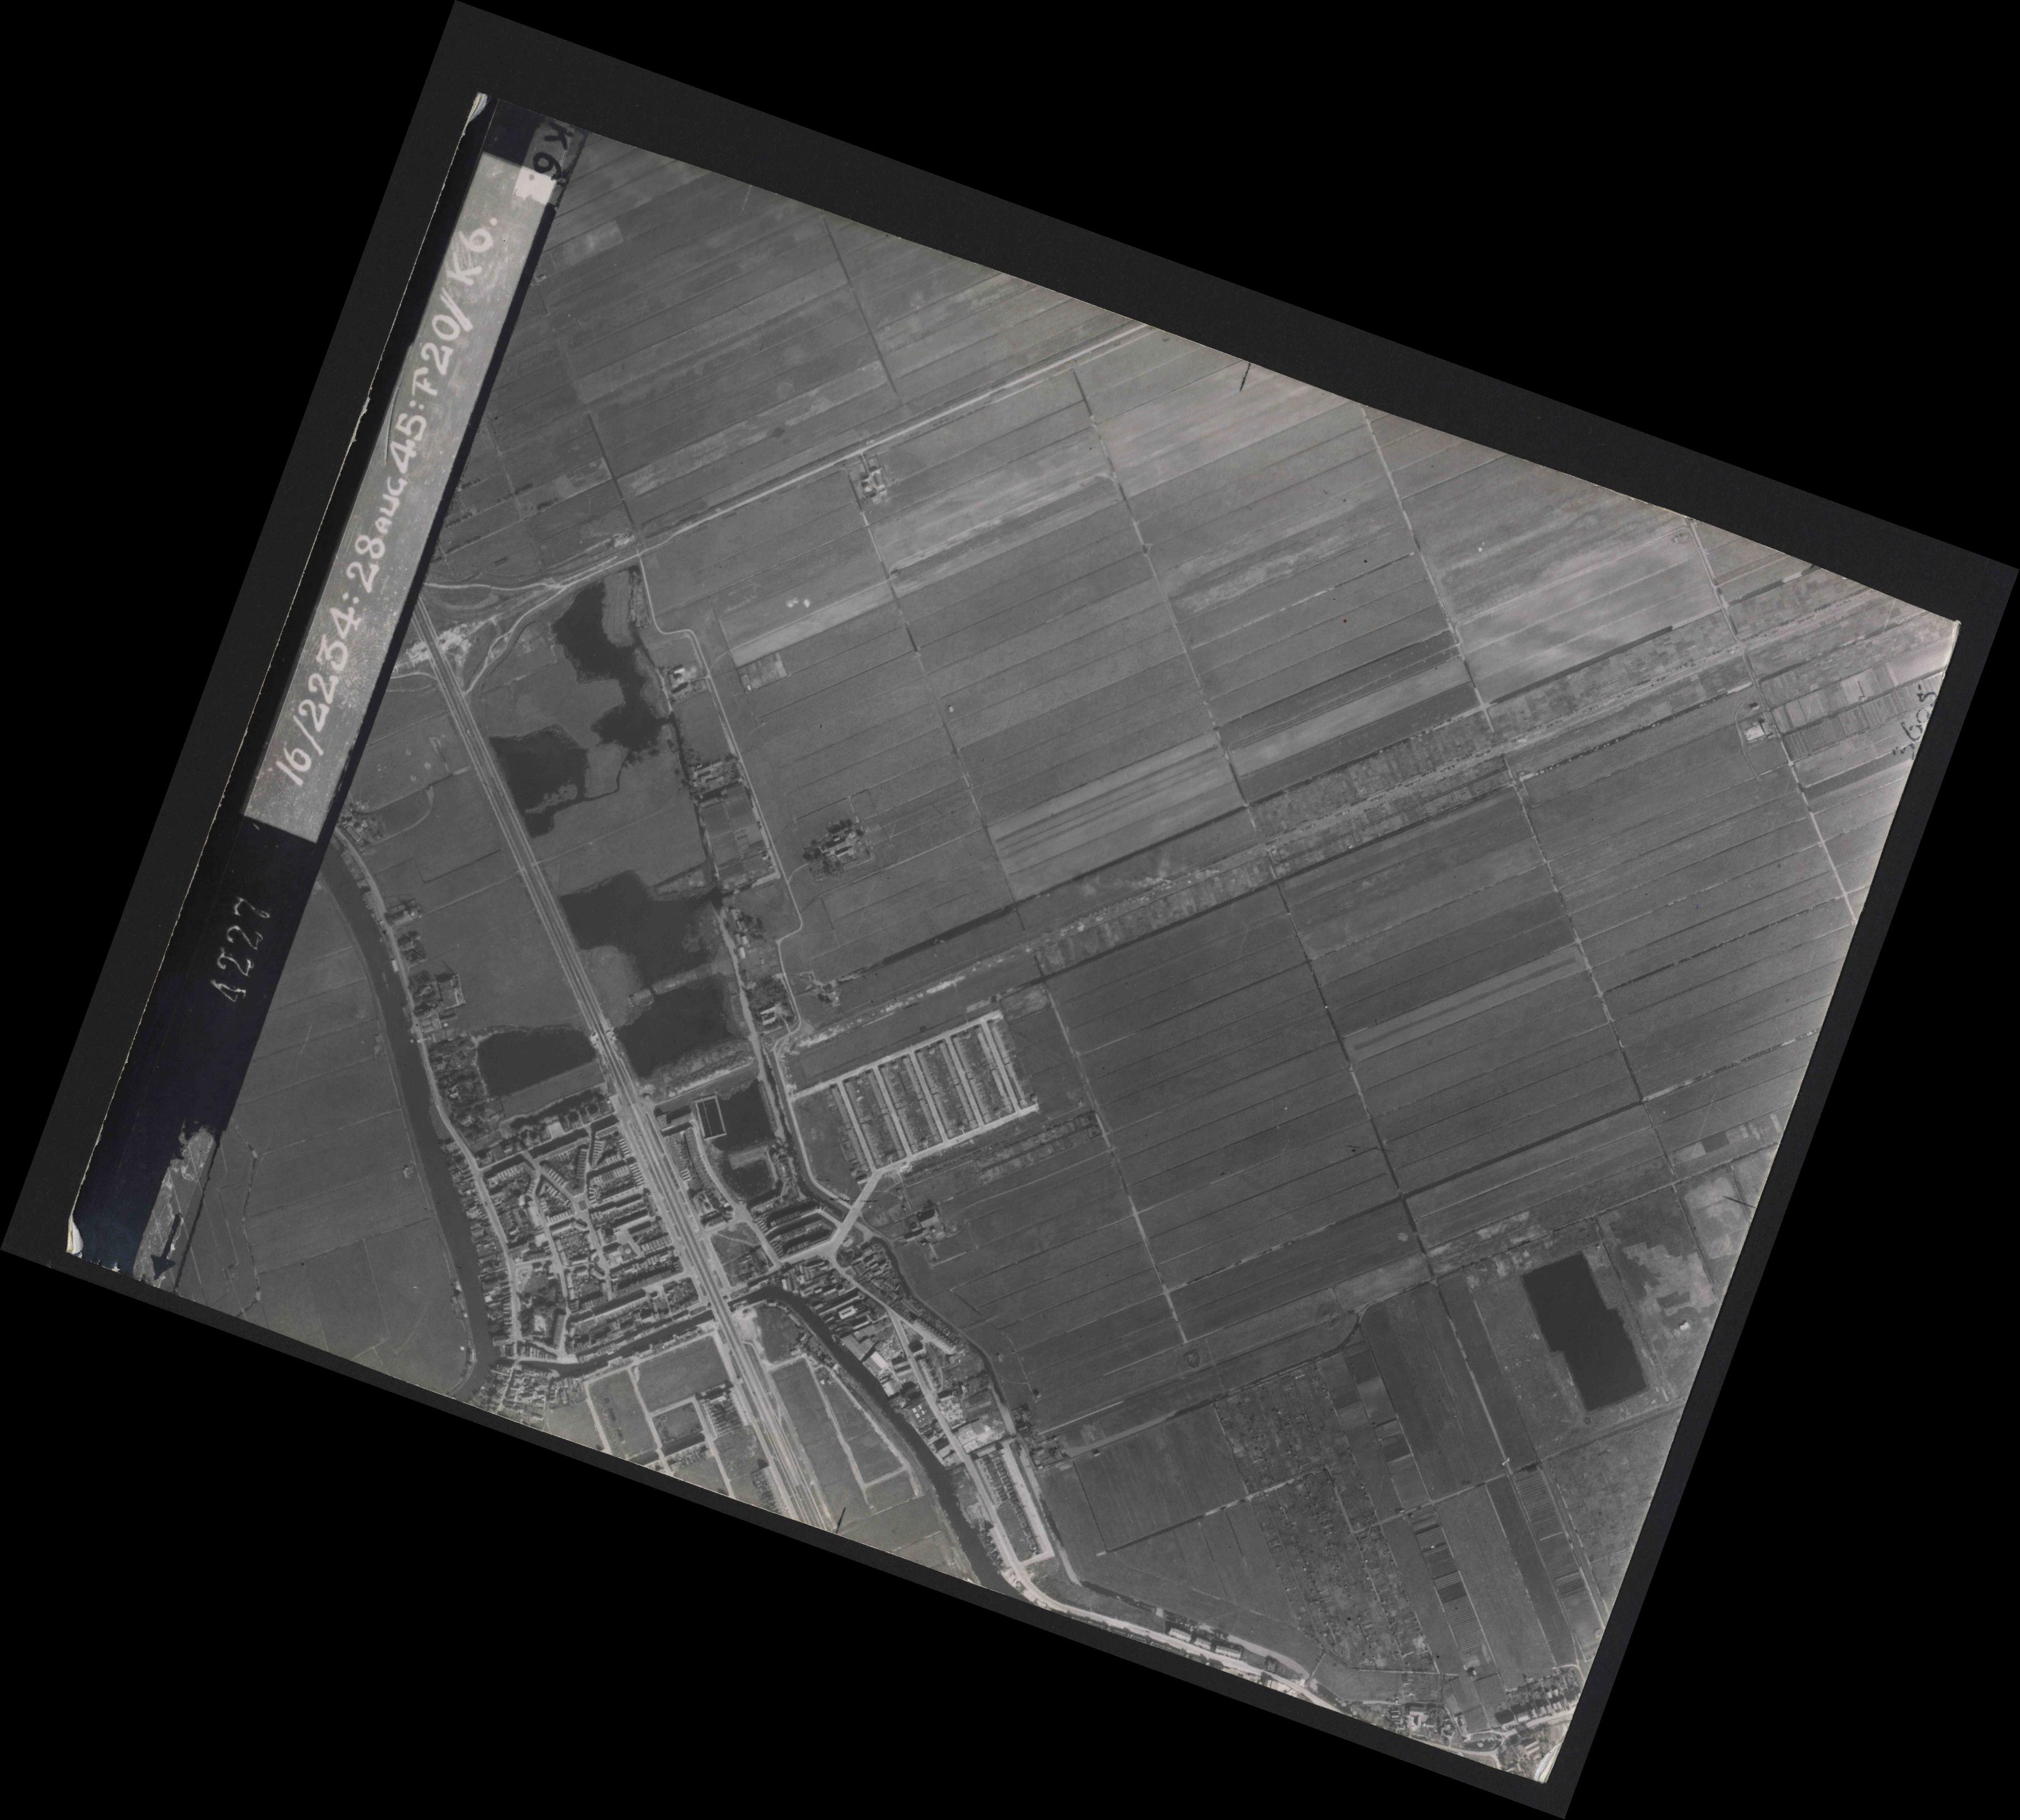 Collection RAF aerial photos 1940-1945 - flight 031, run 01, photo 4227